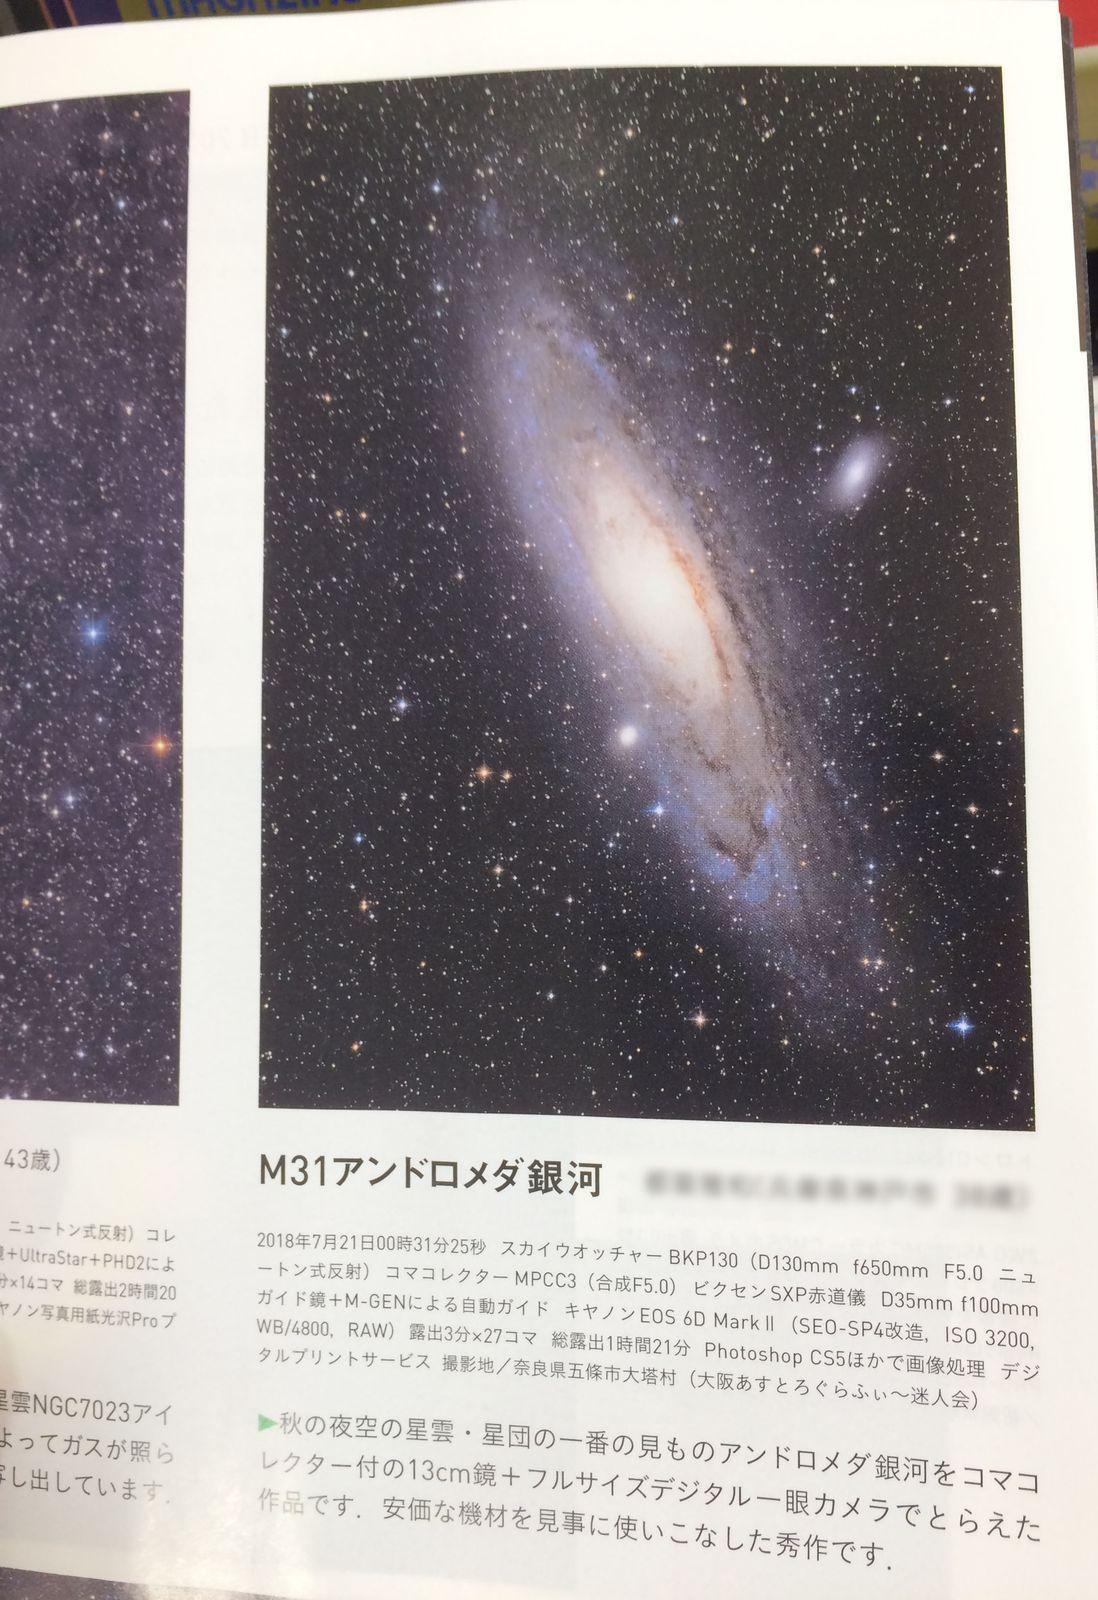 【入選】天文ガイド2018年10月号 初入選ヽ(´ー`)ノ